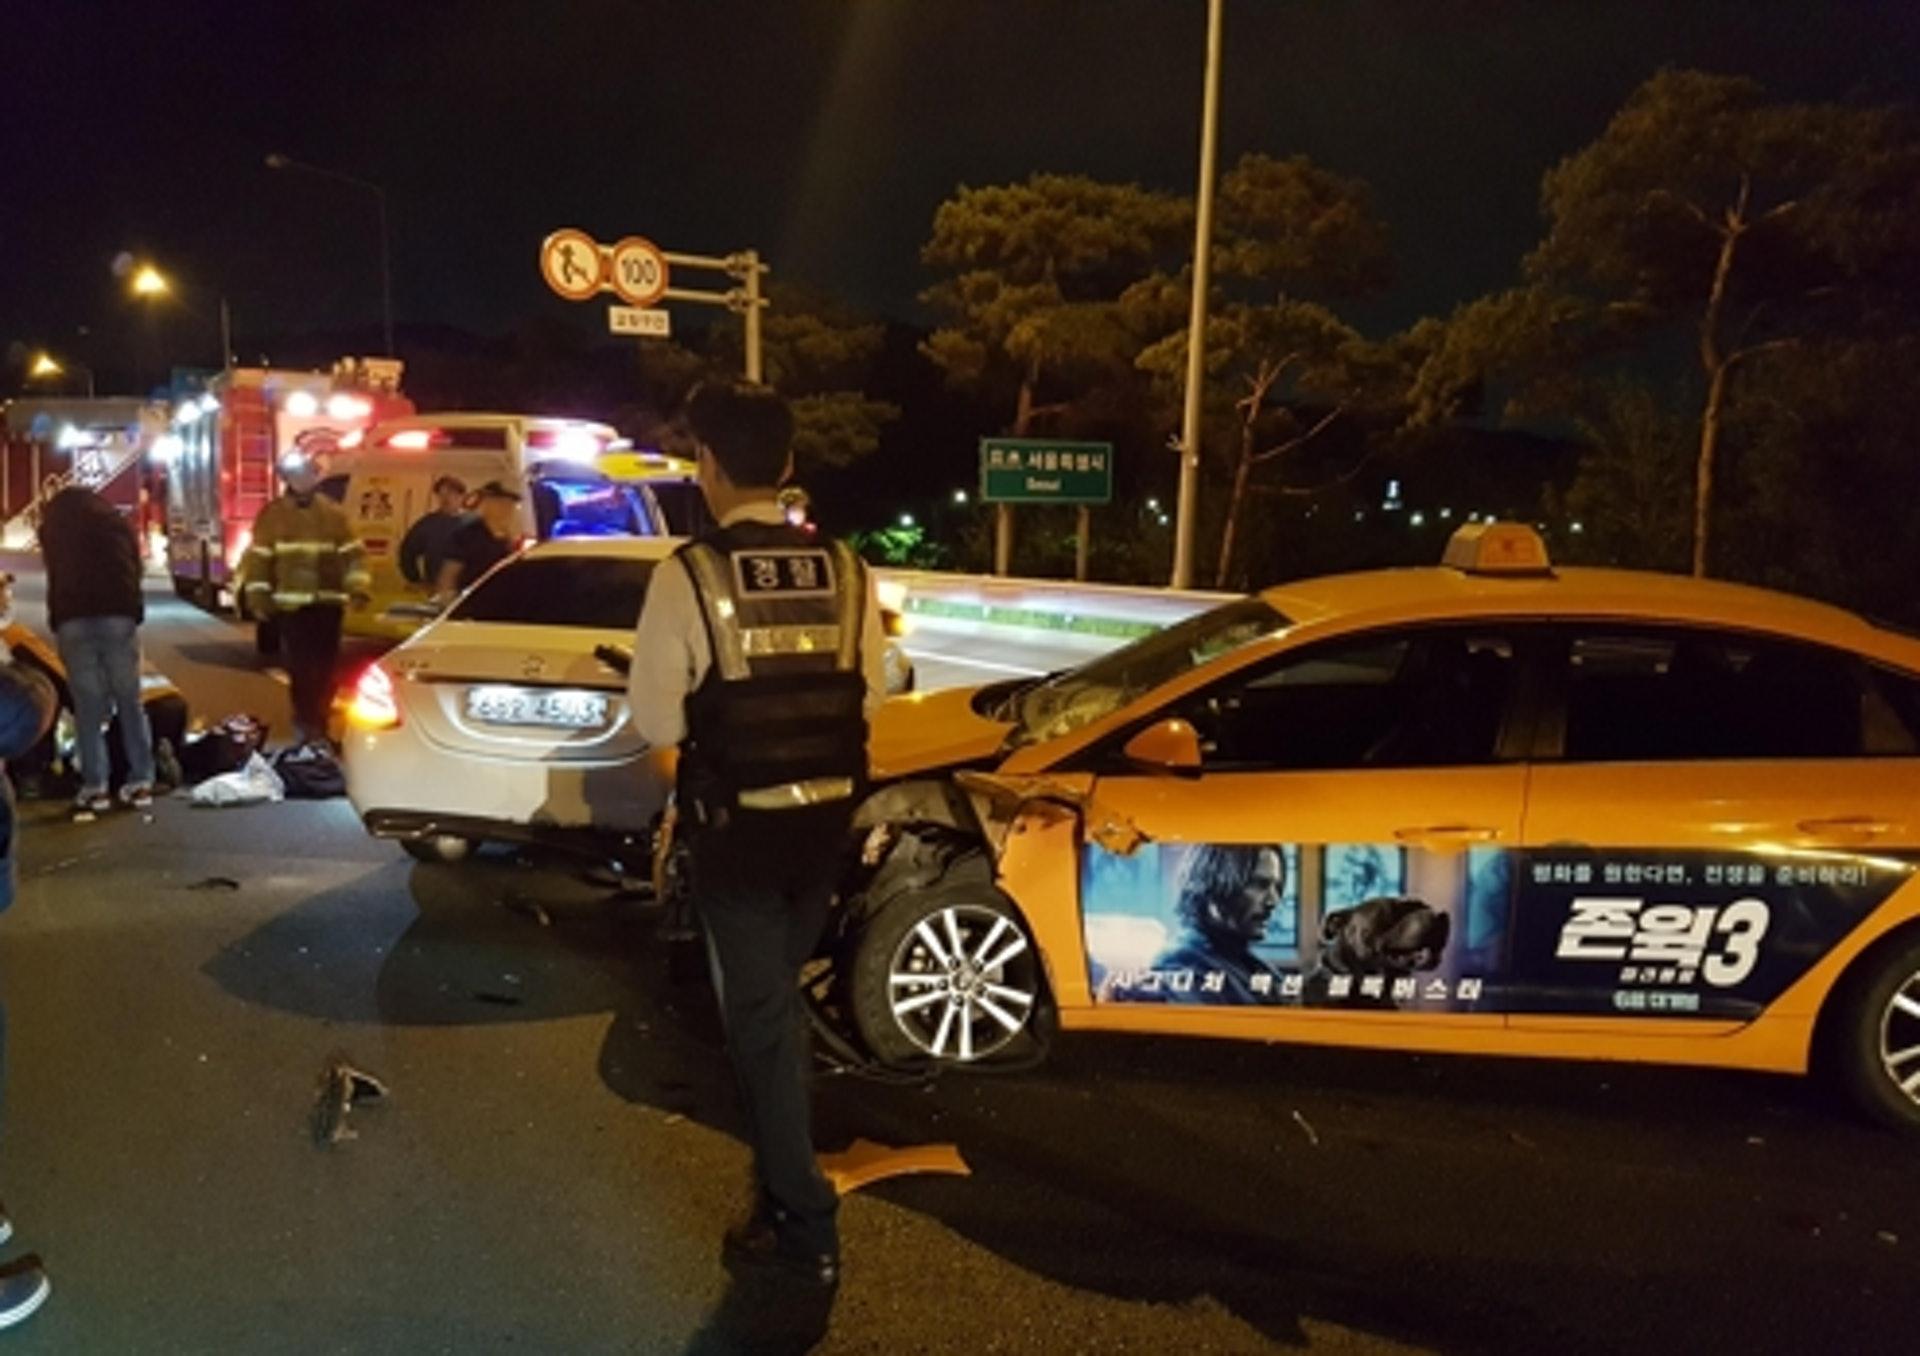 韓國仁川機場高速公路本月6日凌晨發生致命交通意外,造成一人死亡。(網上圖片)